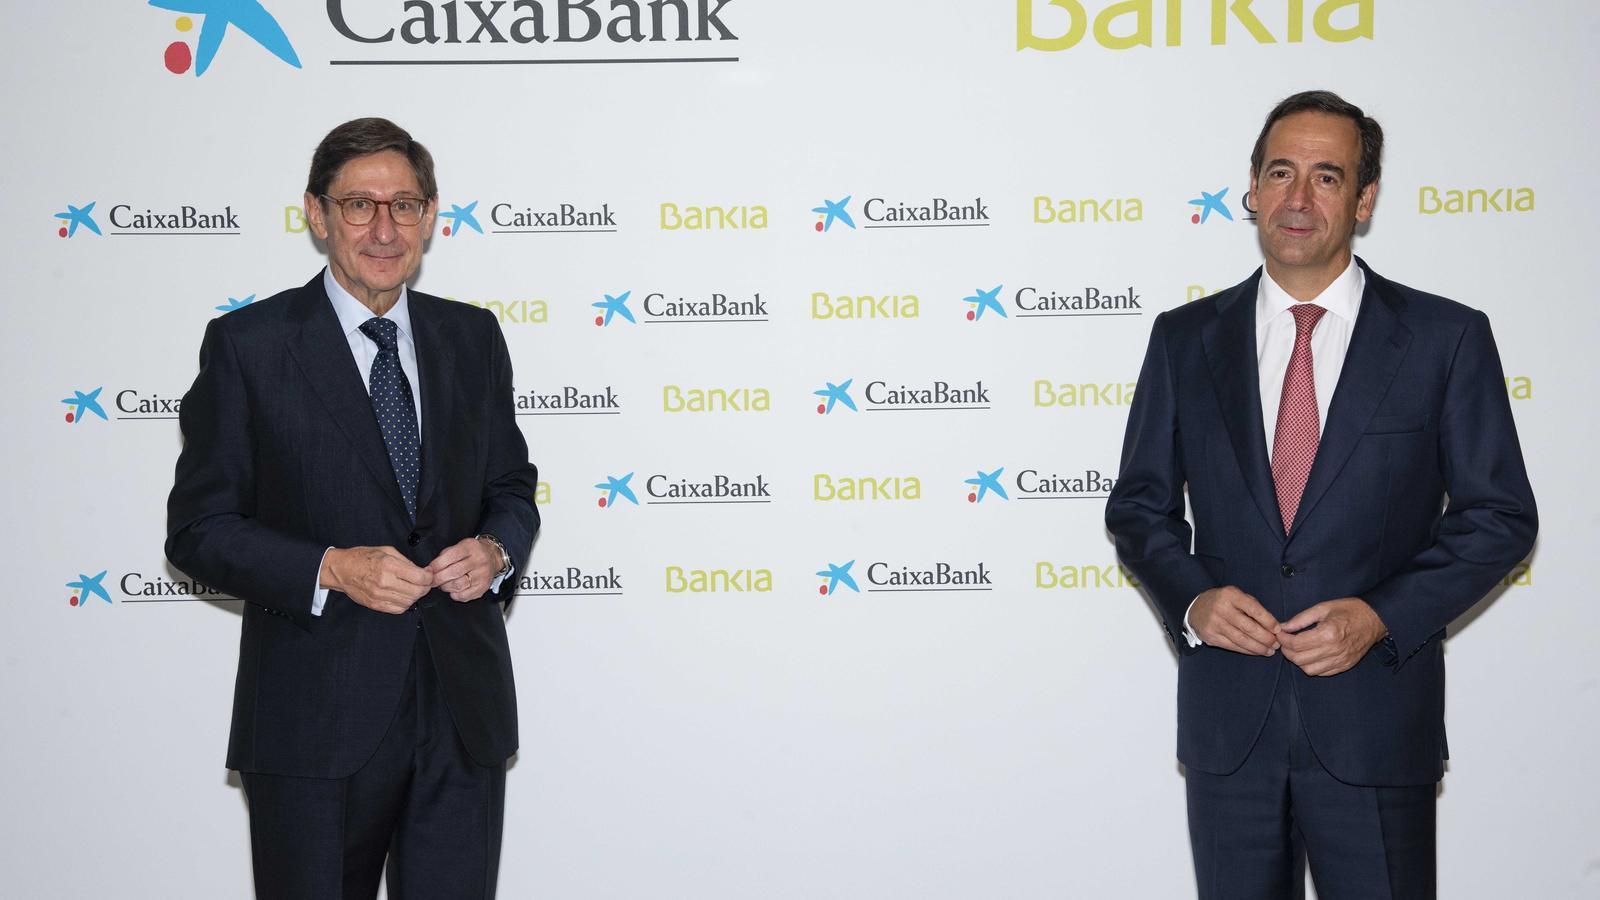 EN DIRECTE  | CaixaBank i Bankia expliquen els detalls de la seva fusió